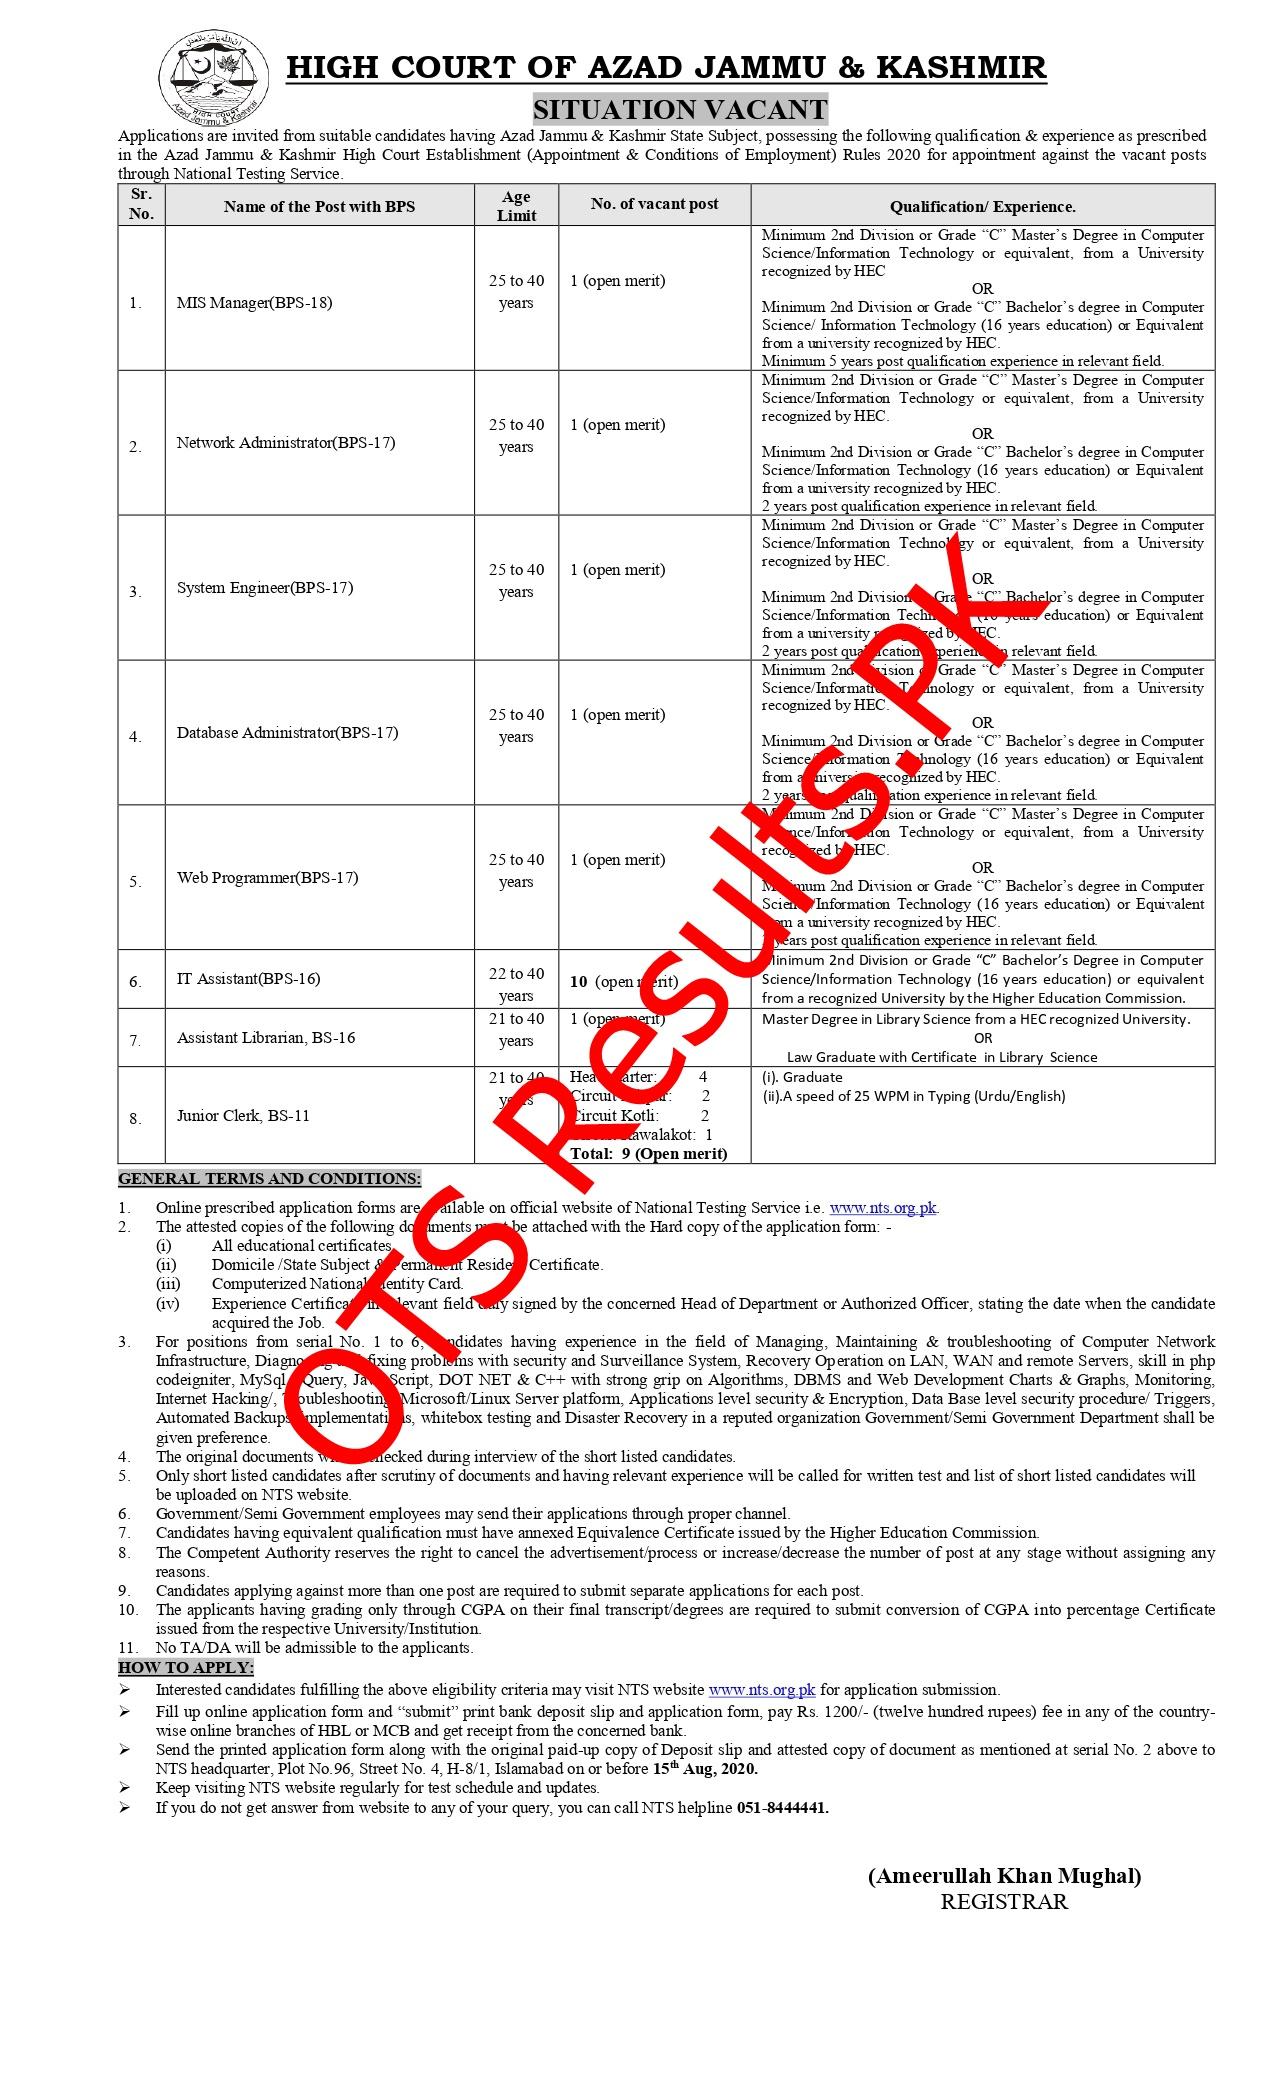 Azad Jammu & Kashmir AJK High Court NTS Jobs 2021 Apply online